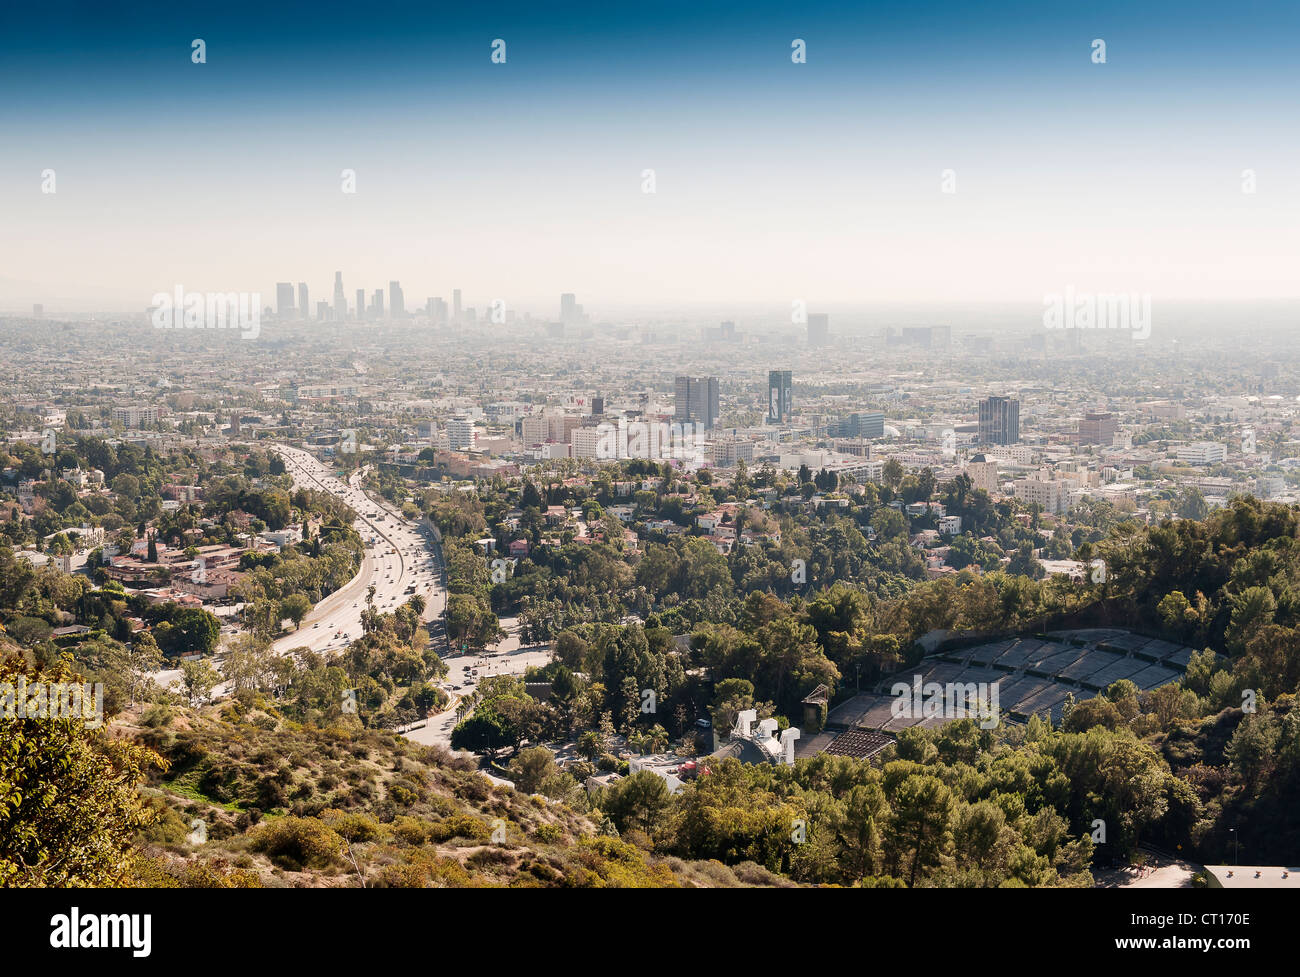 Vista aérea de Los Angeles Imagen De Stock